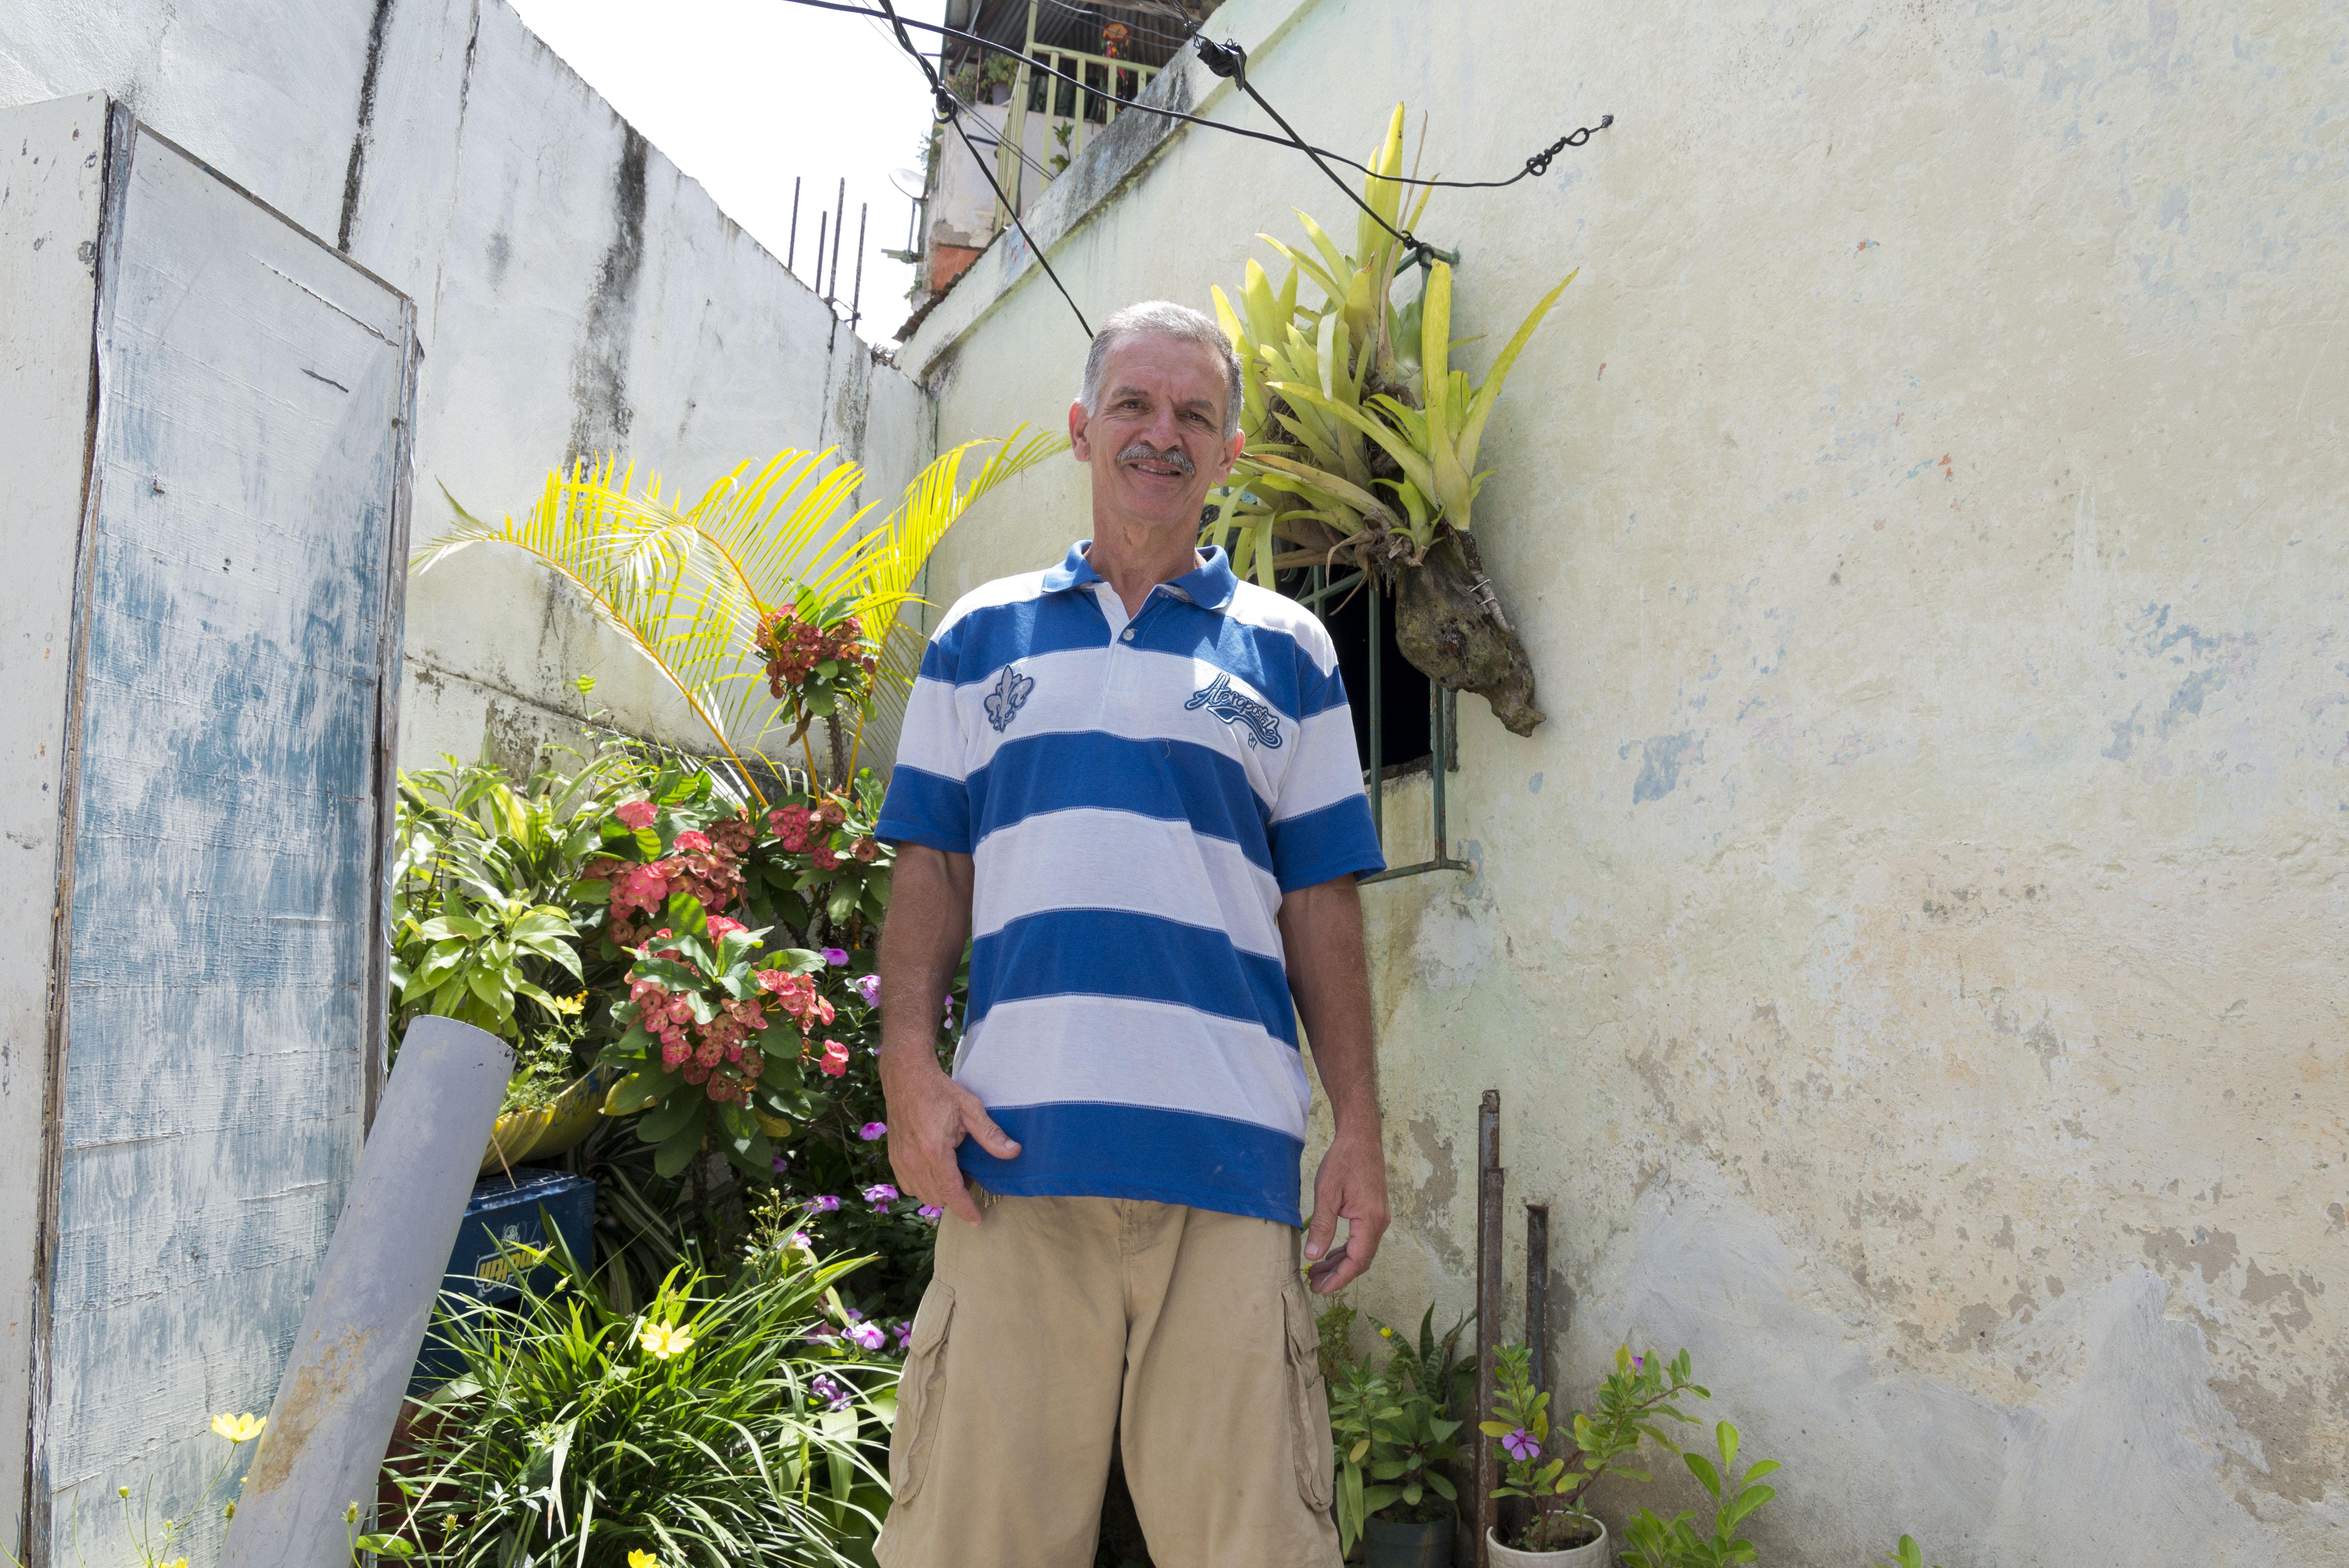 David en su jardín, fotografía por Gabriel Nass